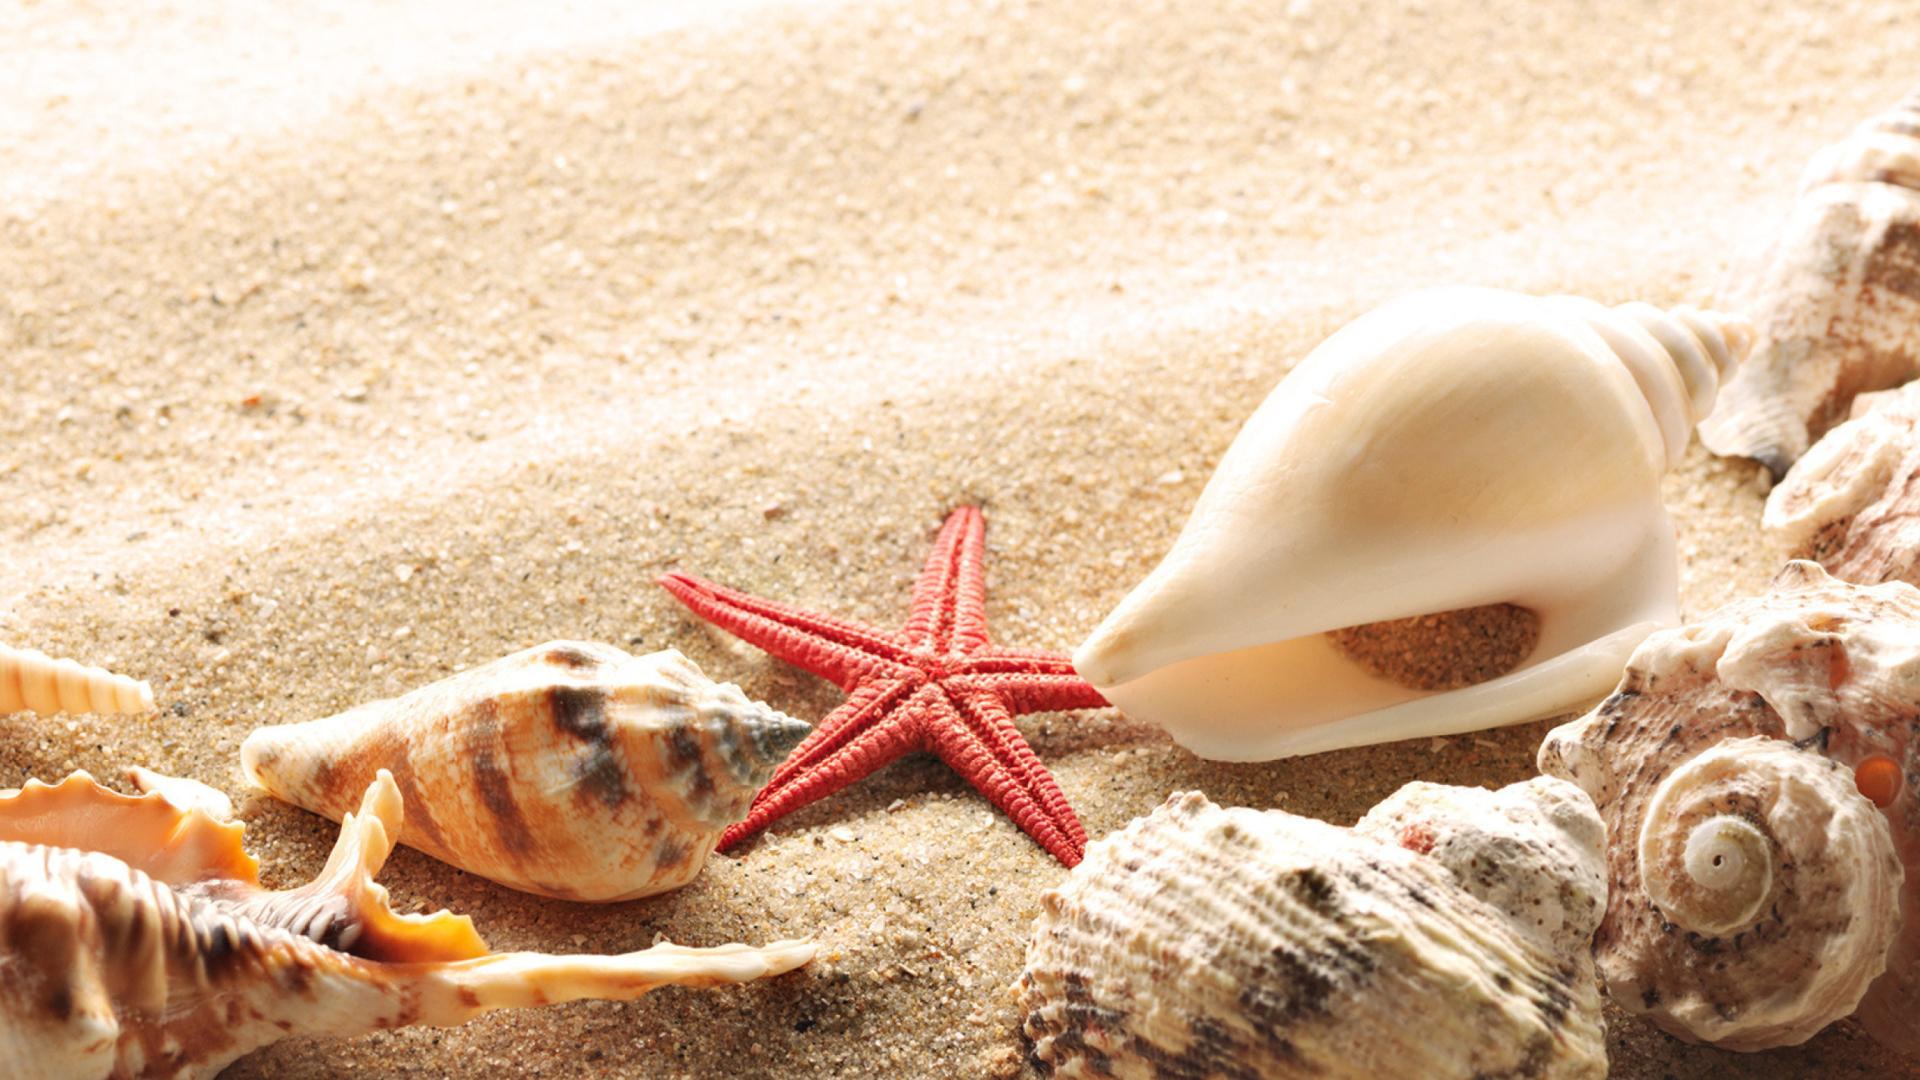 Морская звезда в песке без регистрации